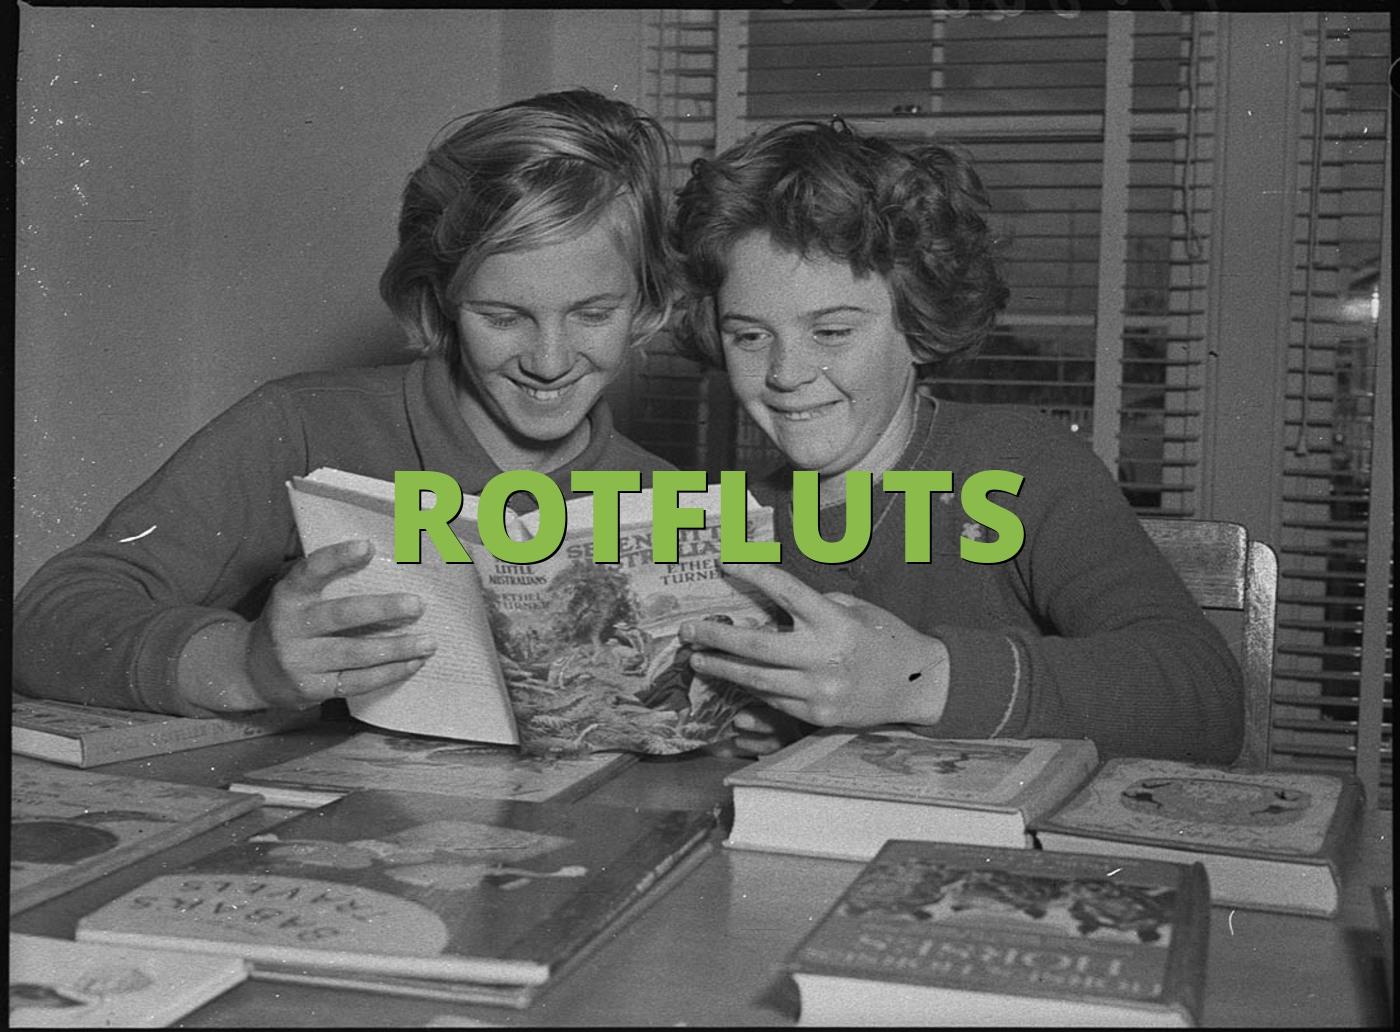 ROTFLUTS